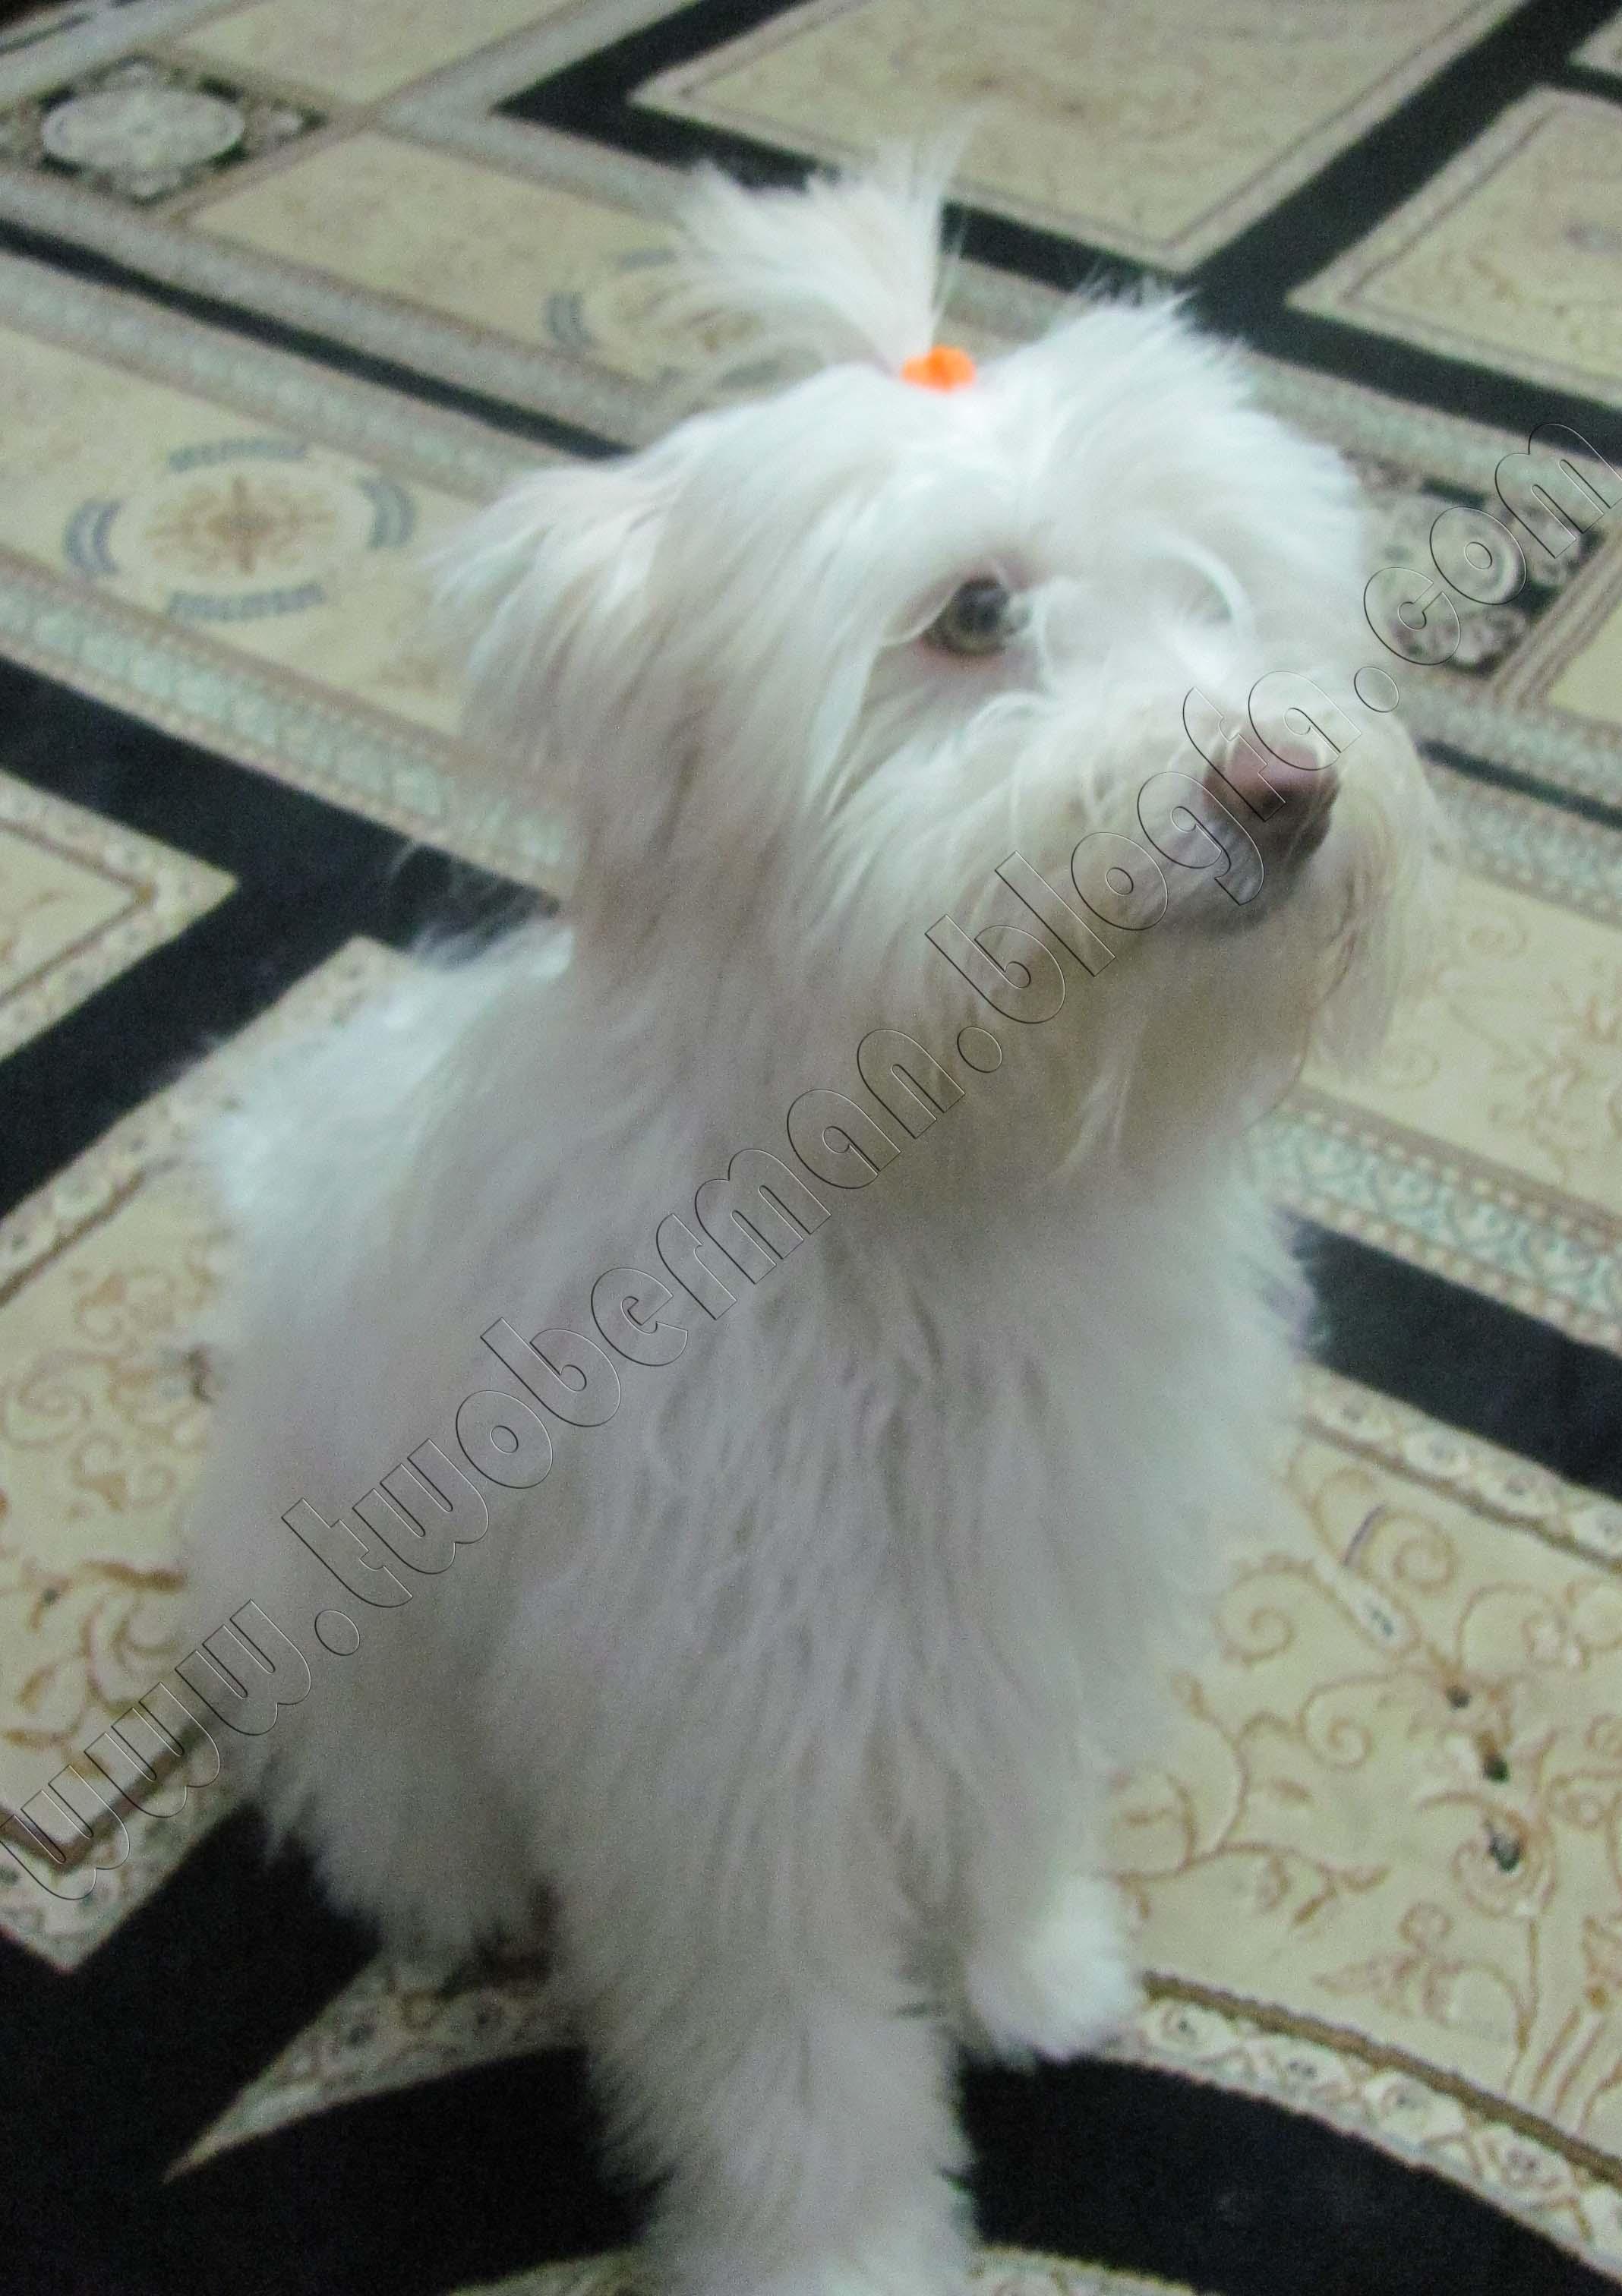 عکس سگ اشپیتز تریر